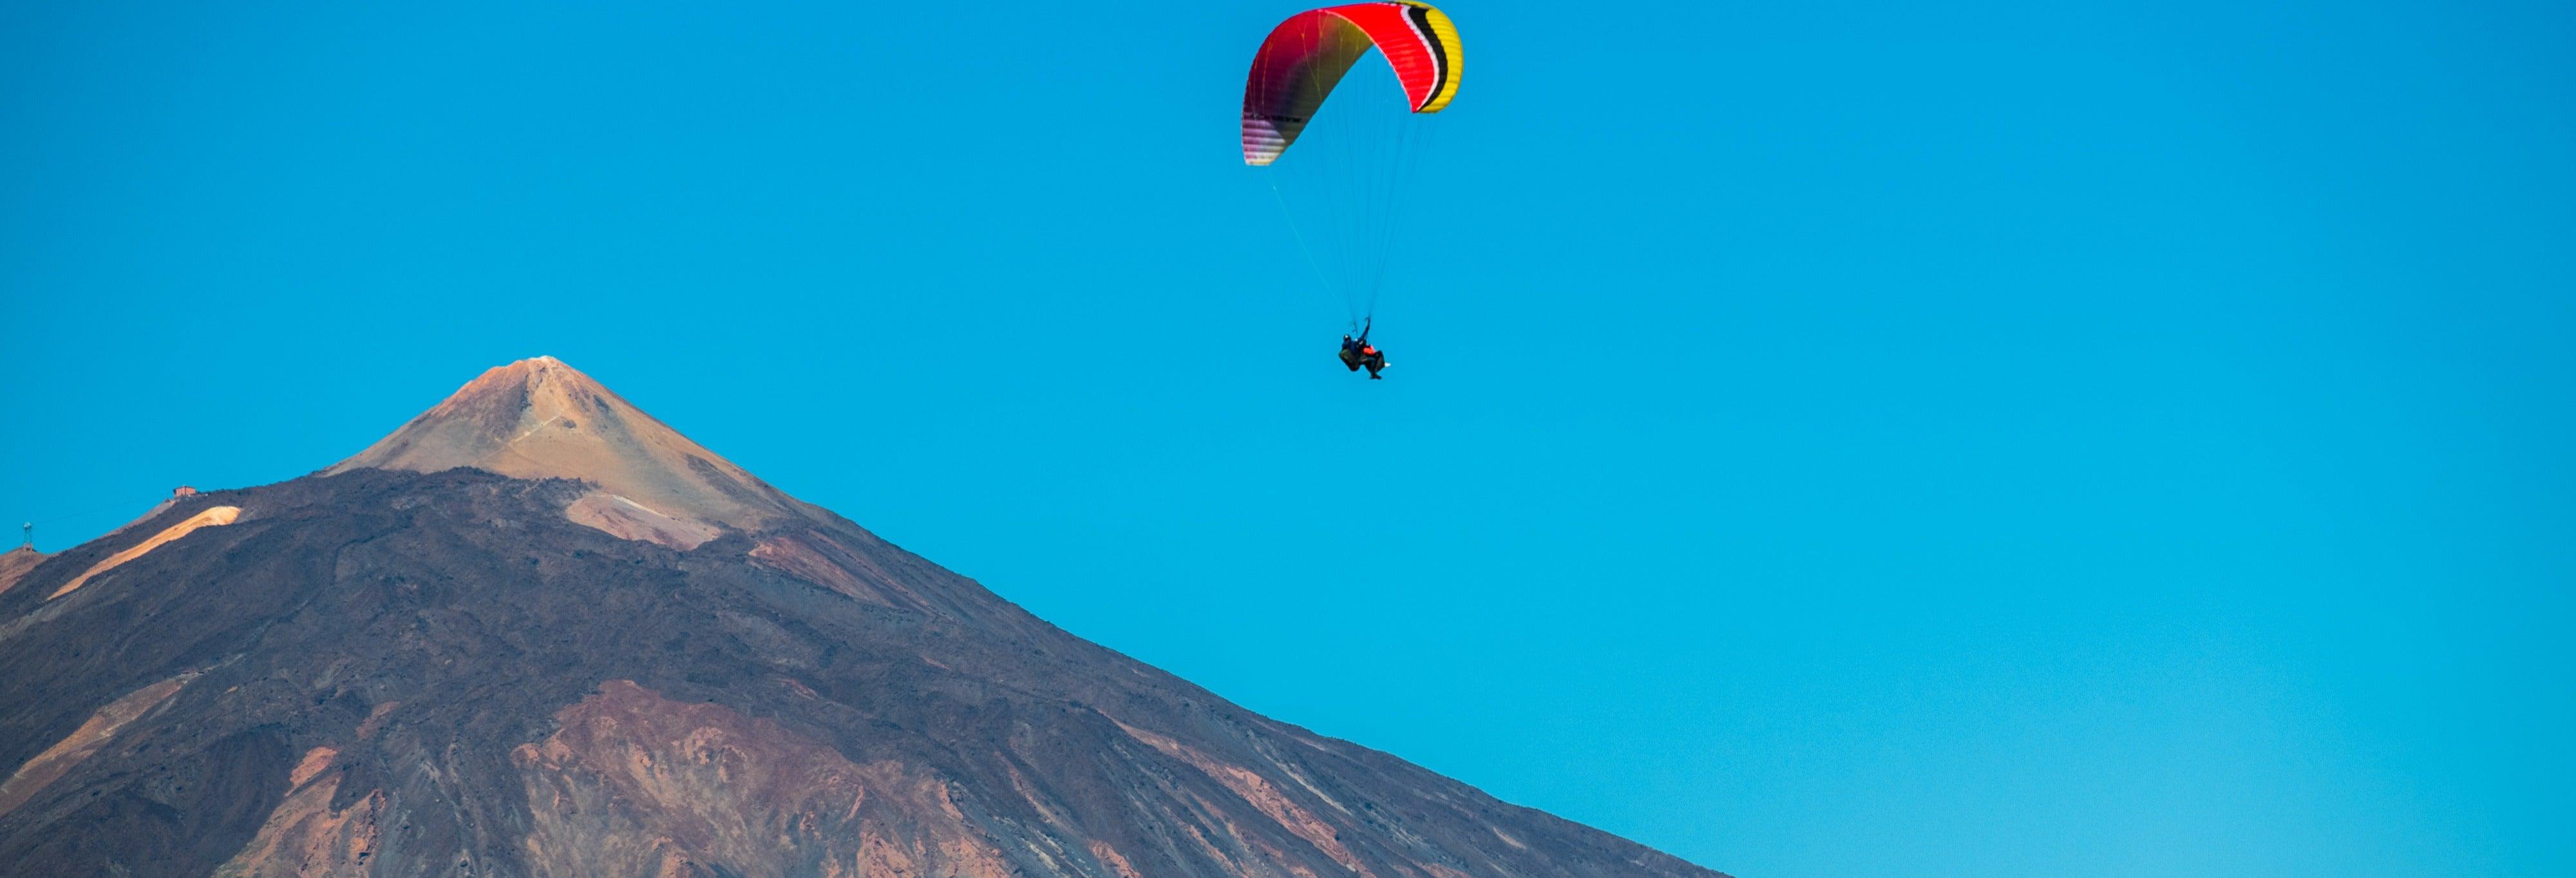 Volo in parapendio sul Teide